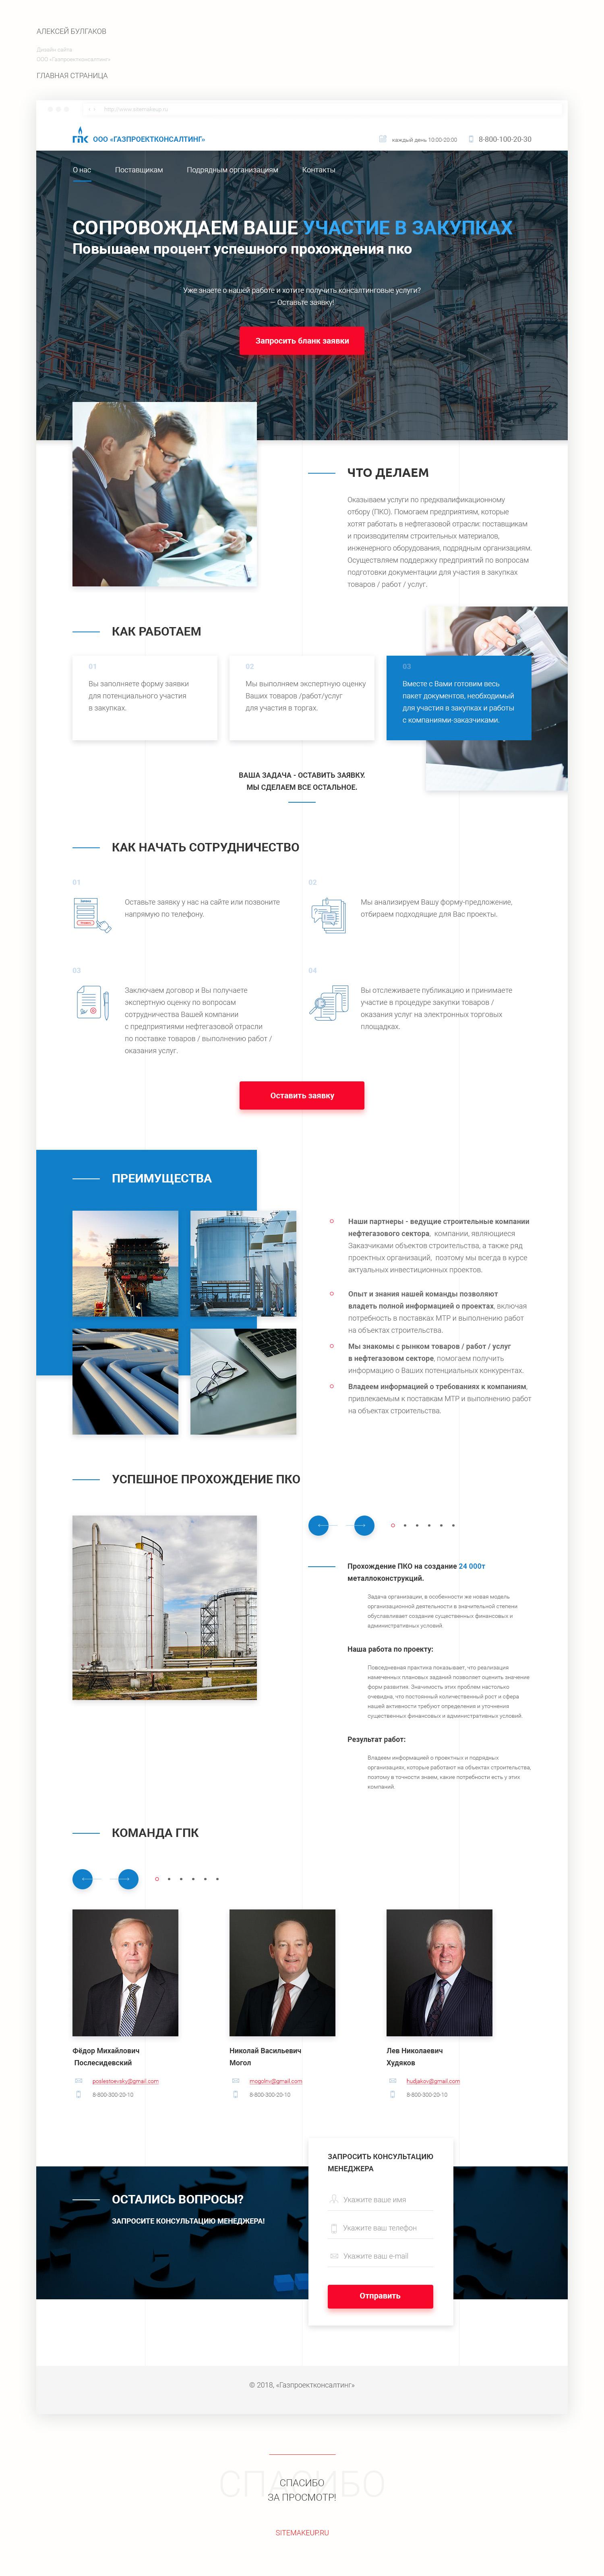 Дизайн сайта ООО «Газпроектконсалтинг»